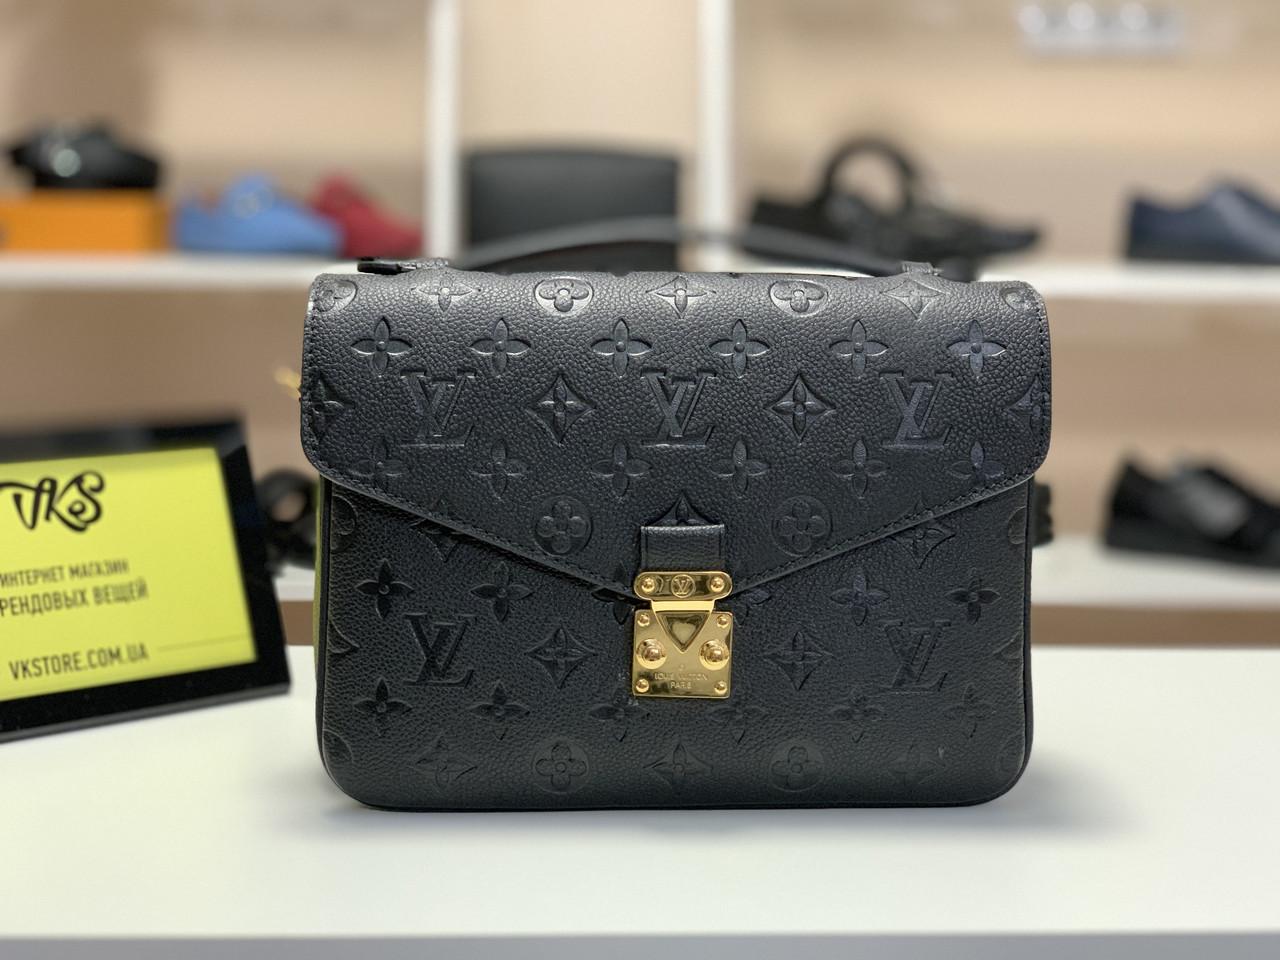 Женская сумка Louis Vuitton Pochette Metis Monogram Empreinte (Луи Виттон Пошет Метис) черная арт. 03-03